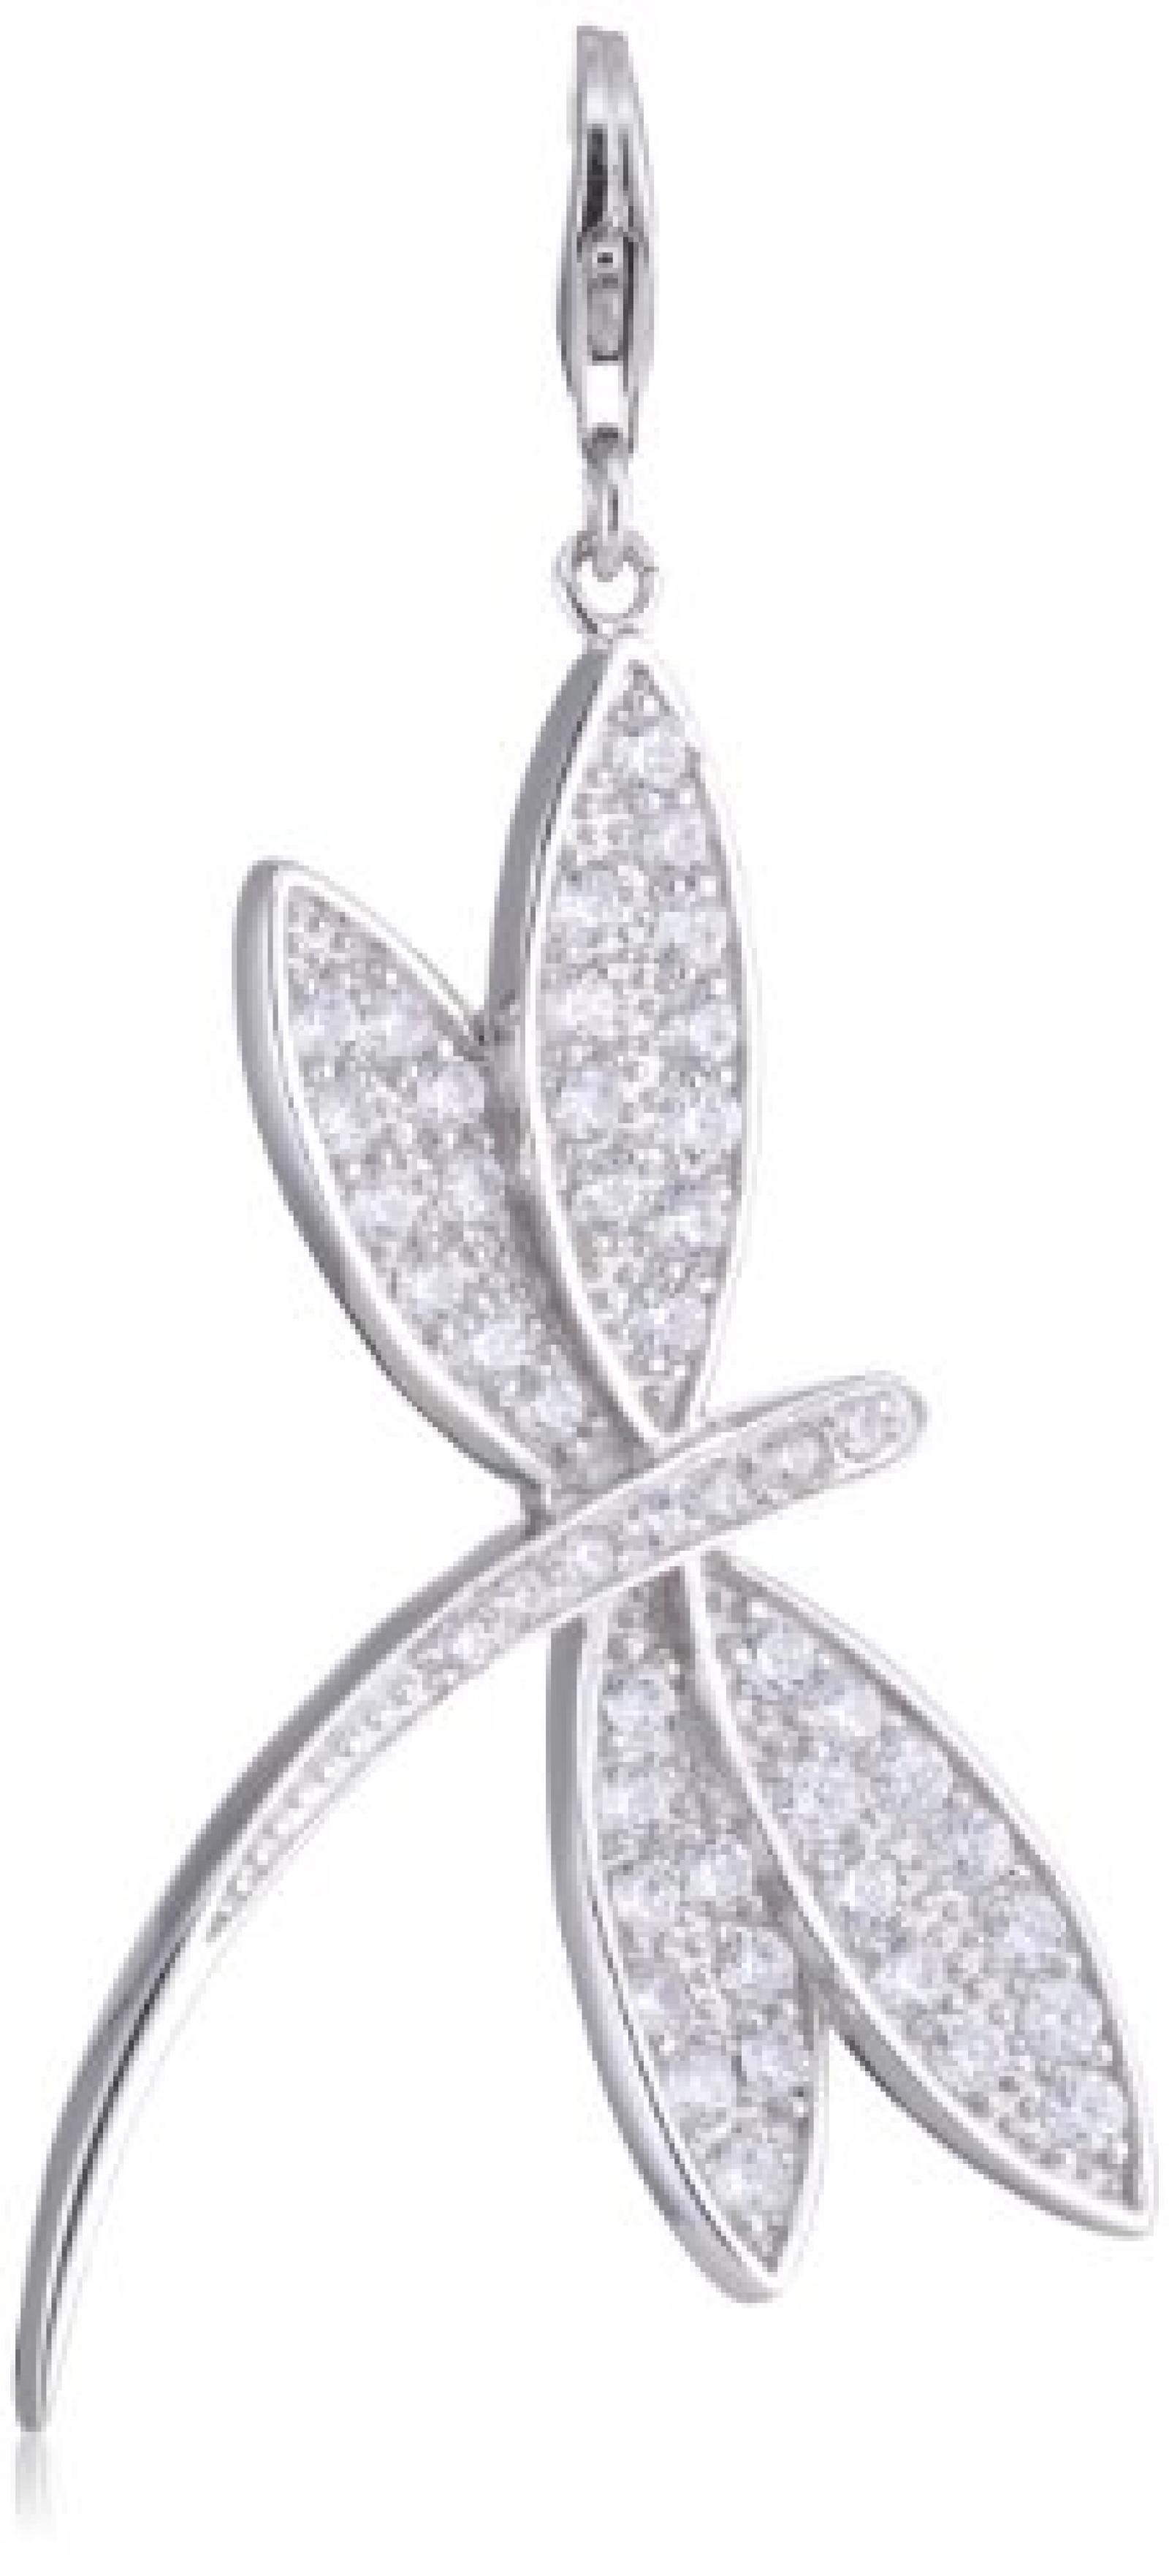 Amor Damen- Libelle-XL Charm 925 Sterlingsilber 353830